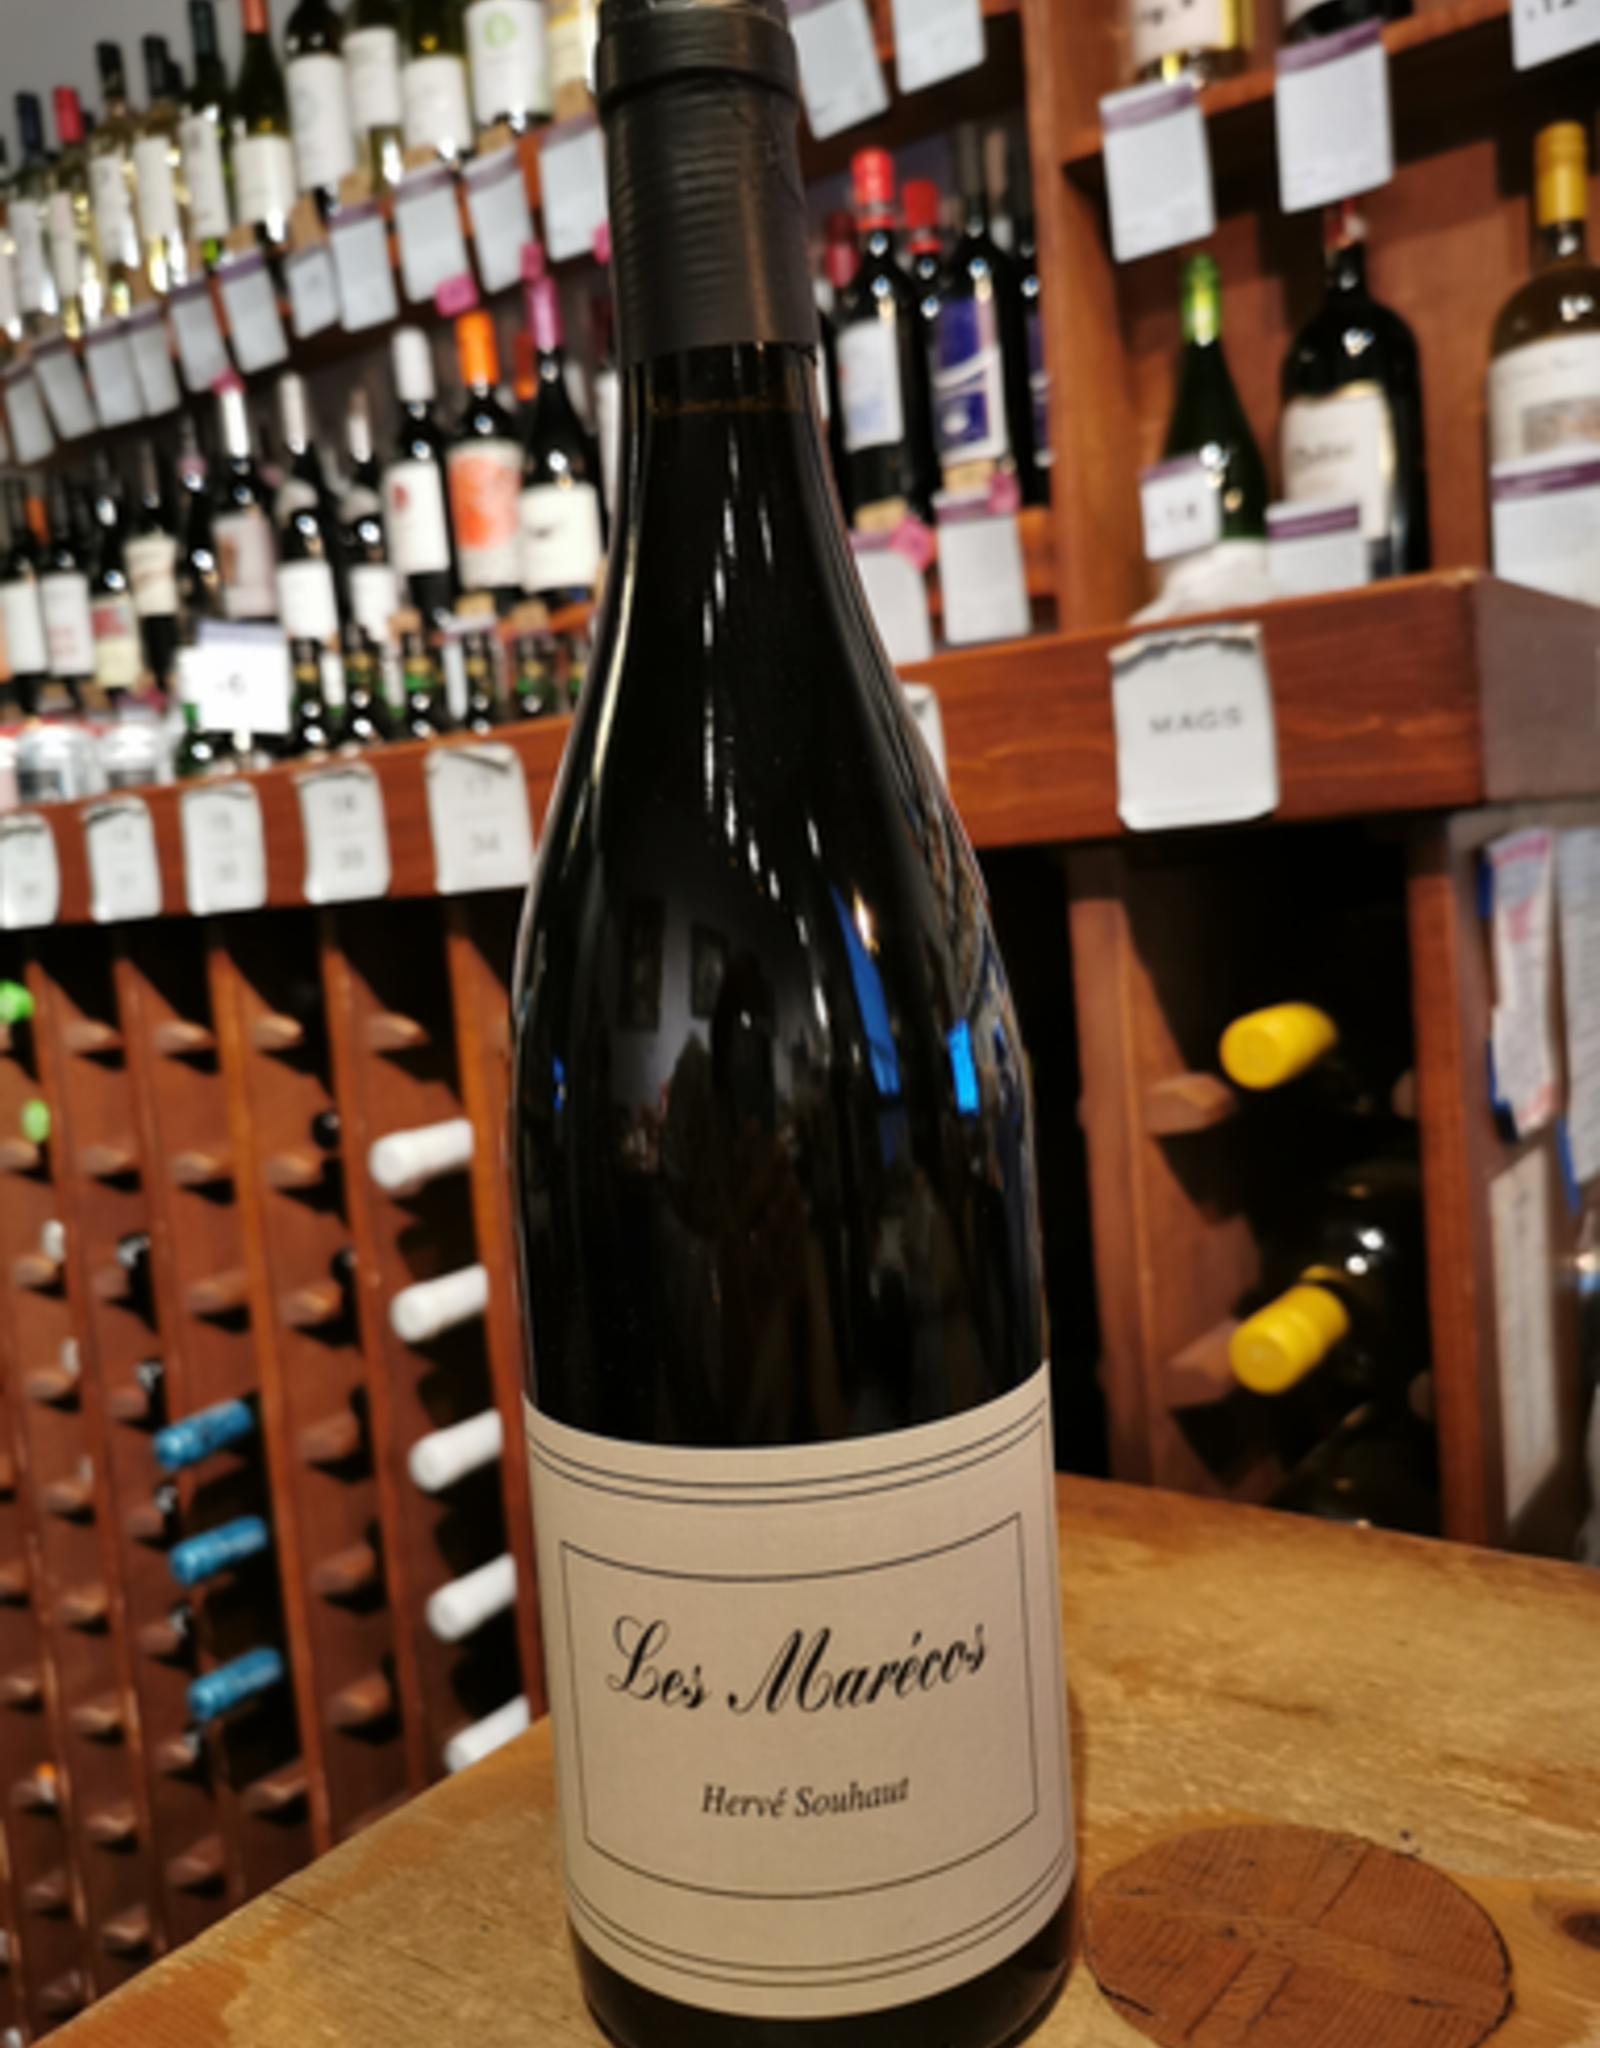 Wine 2017 Herve Souhaut Les Marecos Rouge, Romaneaux-Destezet Collines Rhodaniennes - Ardeche, France (750ml)